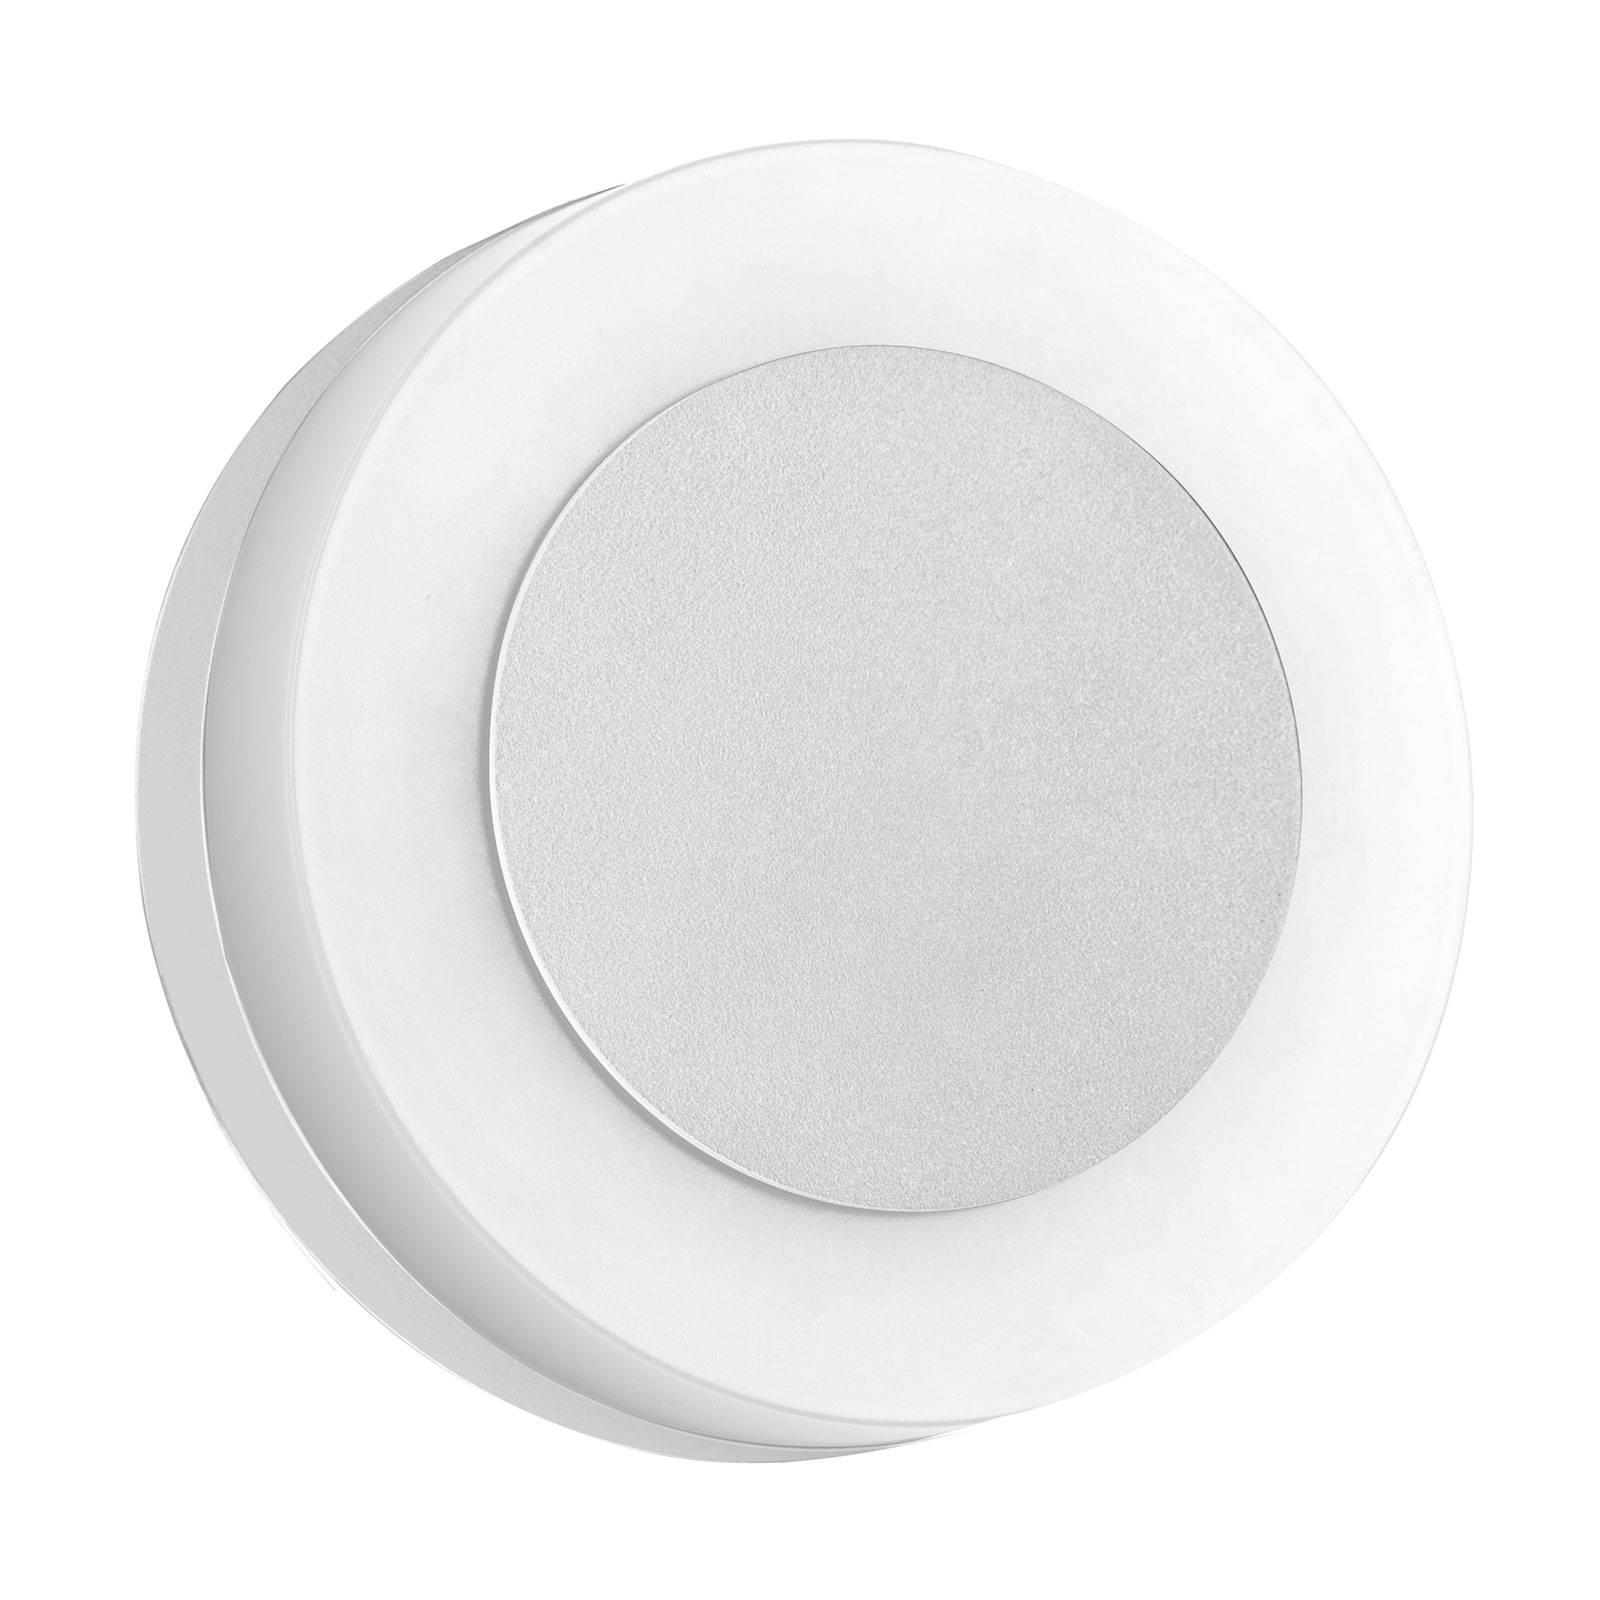 BRUMBERG 10030 LED-Außenwandleuchte, rund, weiß